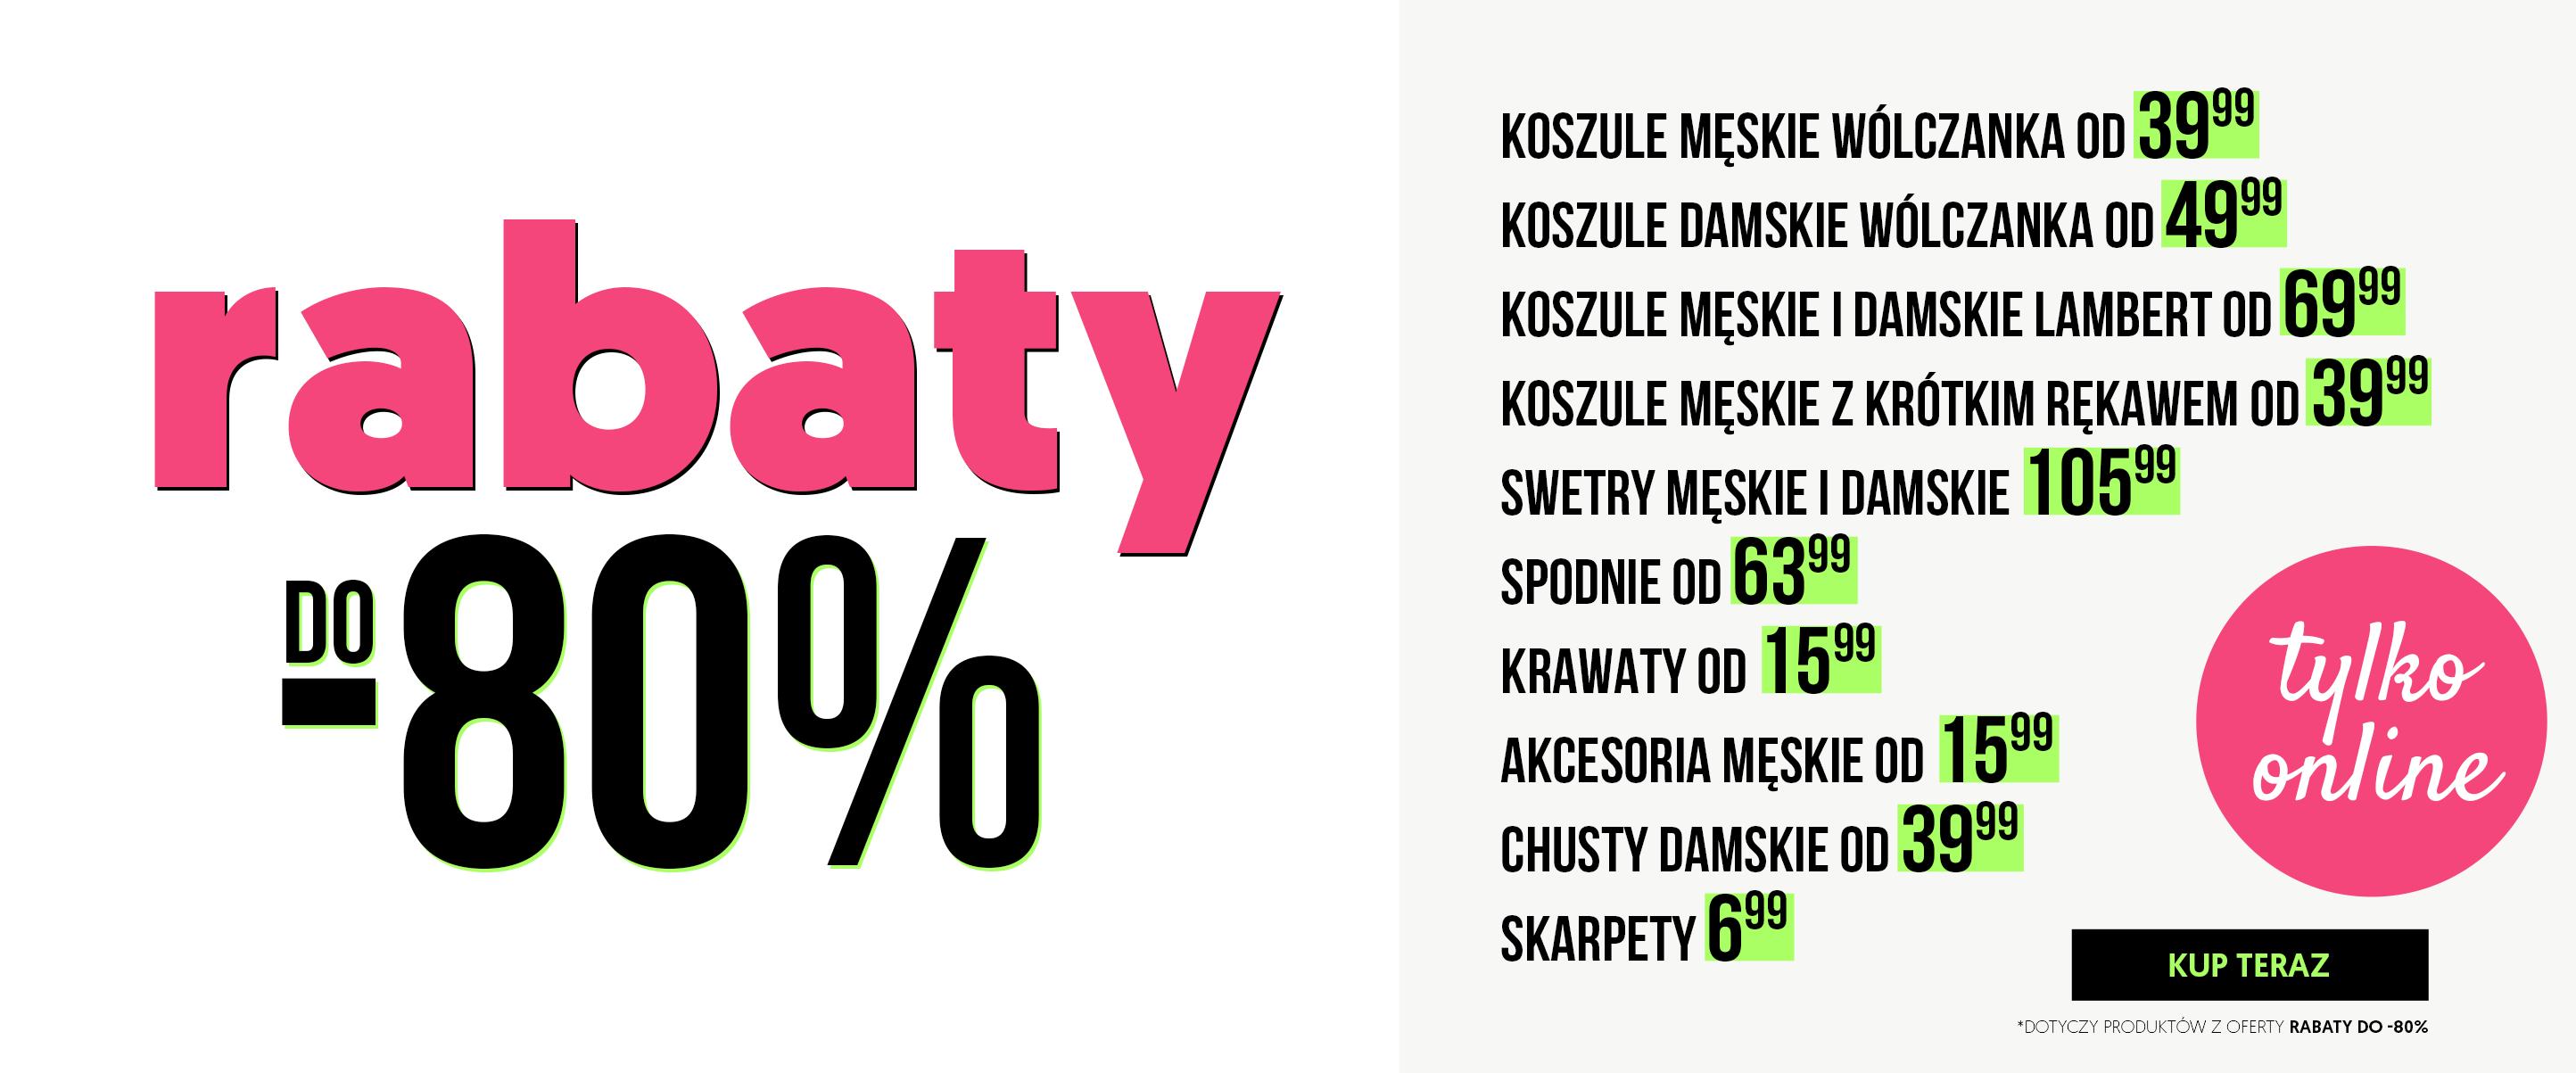 Wólczanka: do 80% rabatu na koszule, swetry, spodnie, krawaty, chusty, skarpety i akcesoria